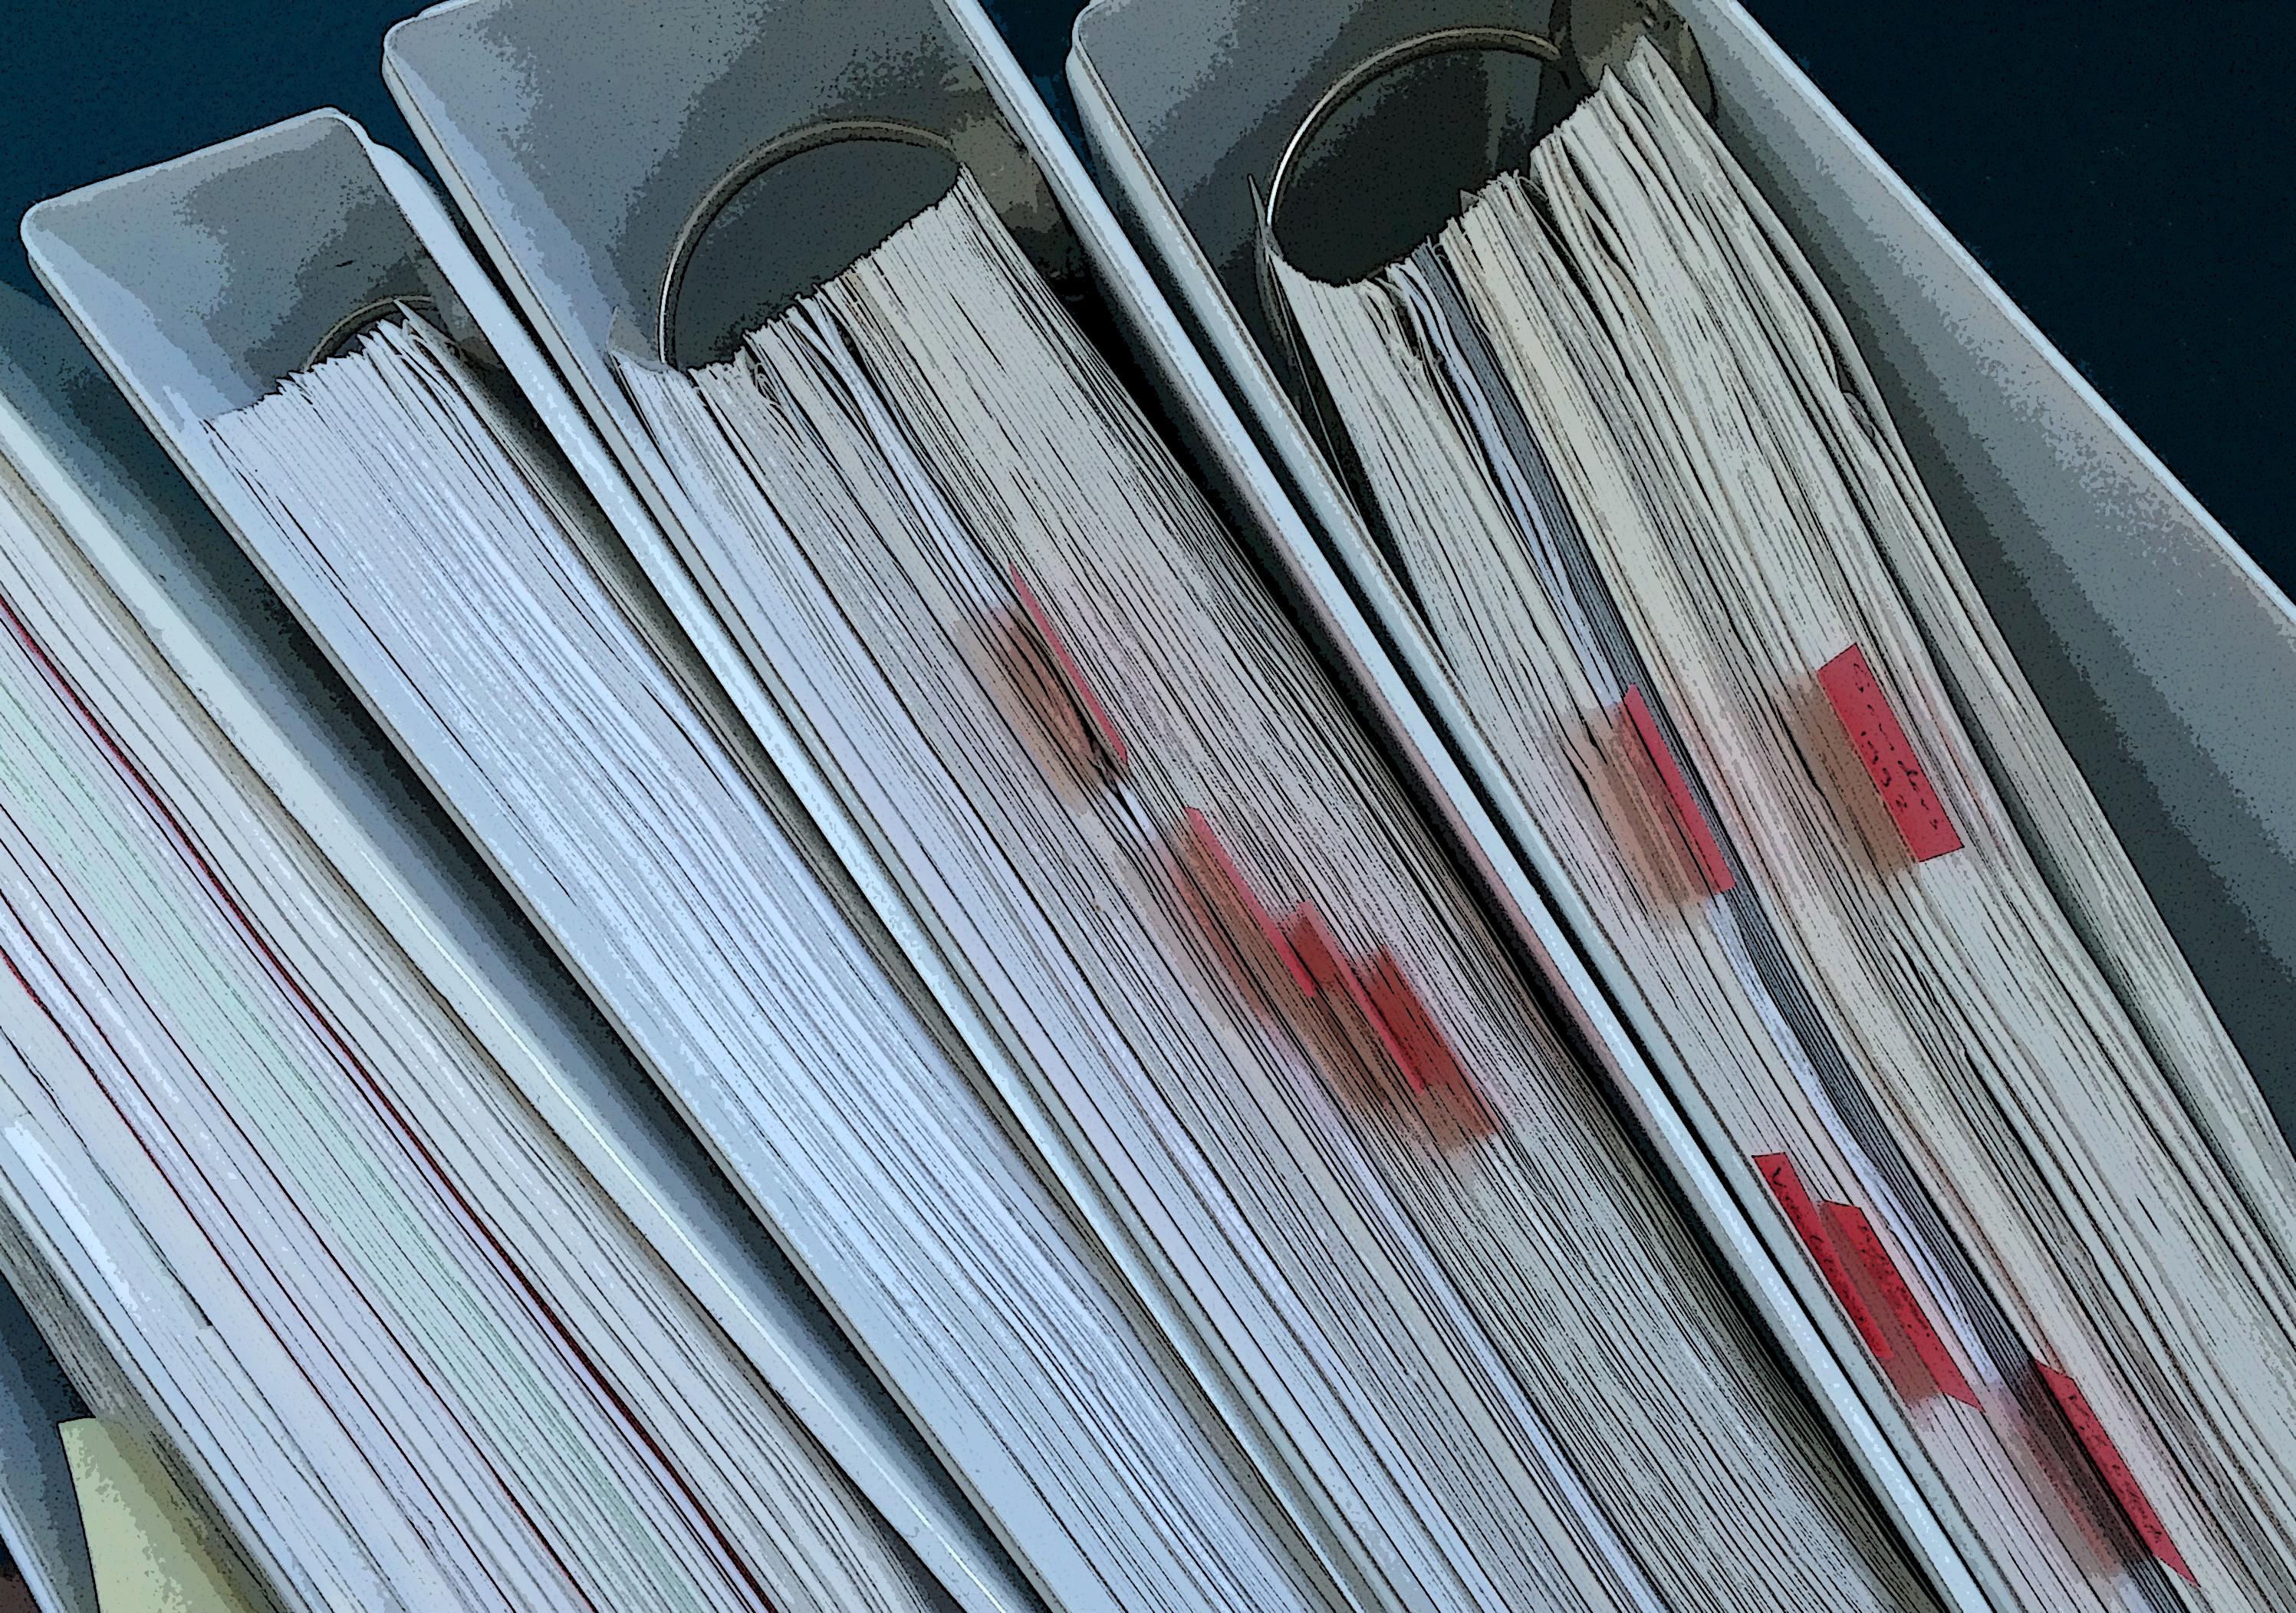 de-handboeken-voorbij